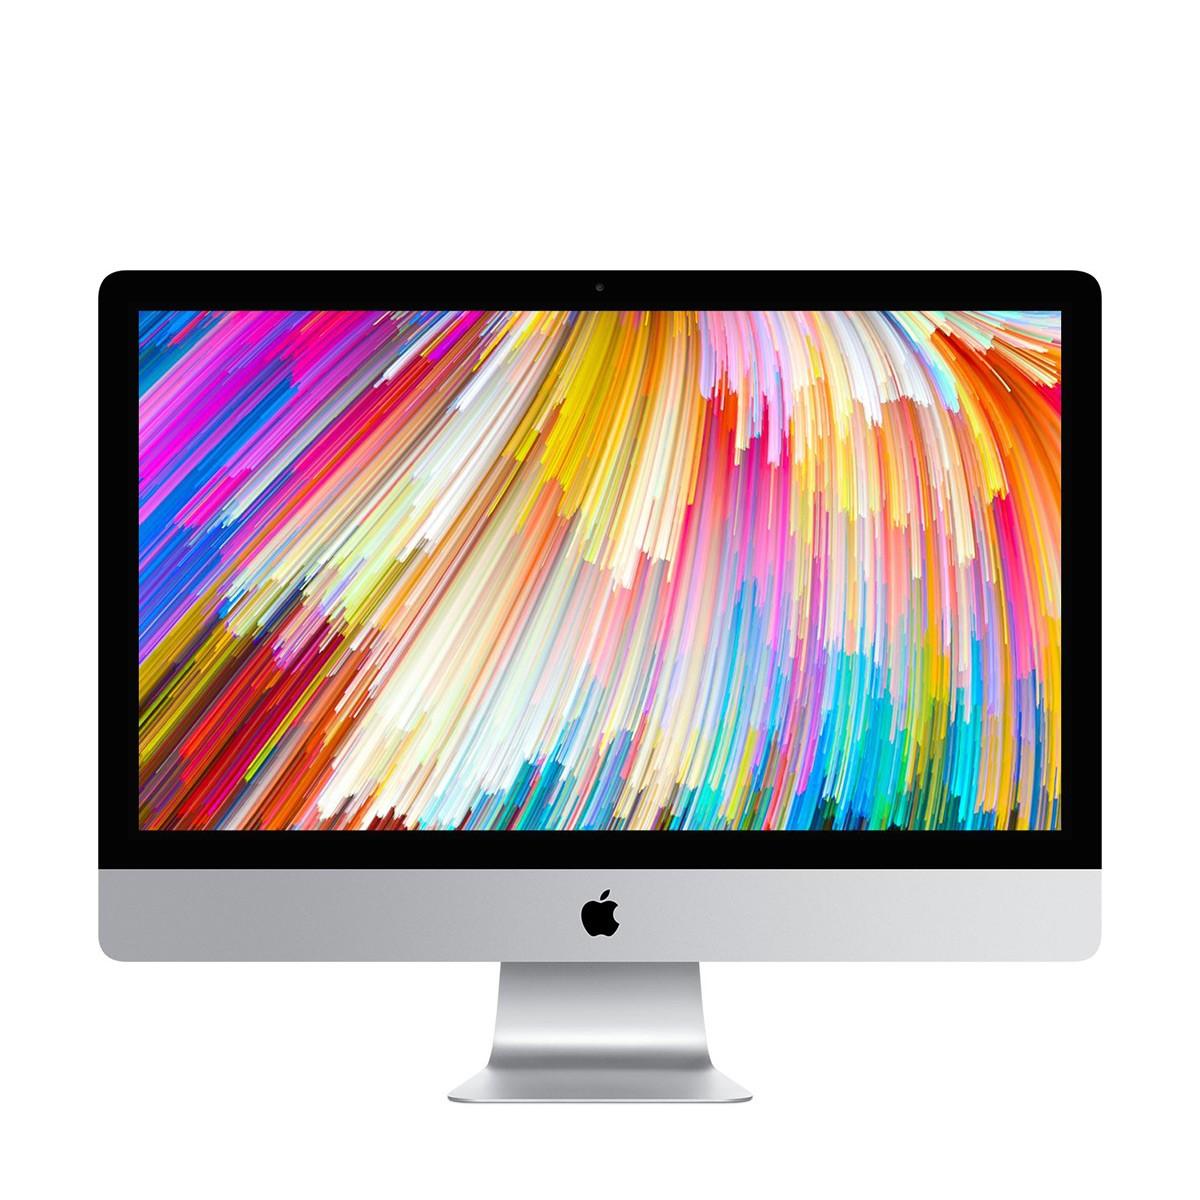 """Настолен компютър Apple iMac 27"""" с 3,8GHz четириядрен Intel Core i5 процесор и 8GB памет - международна клавиатура"""